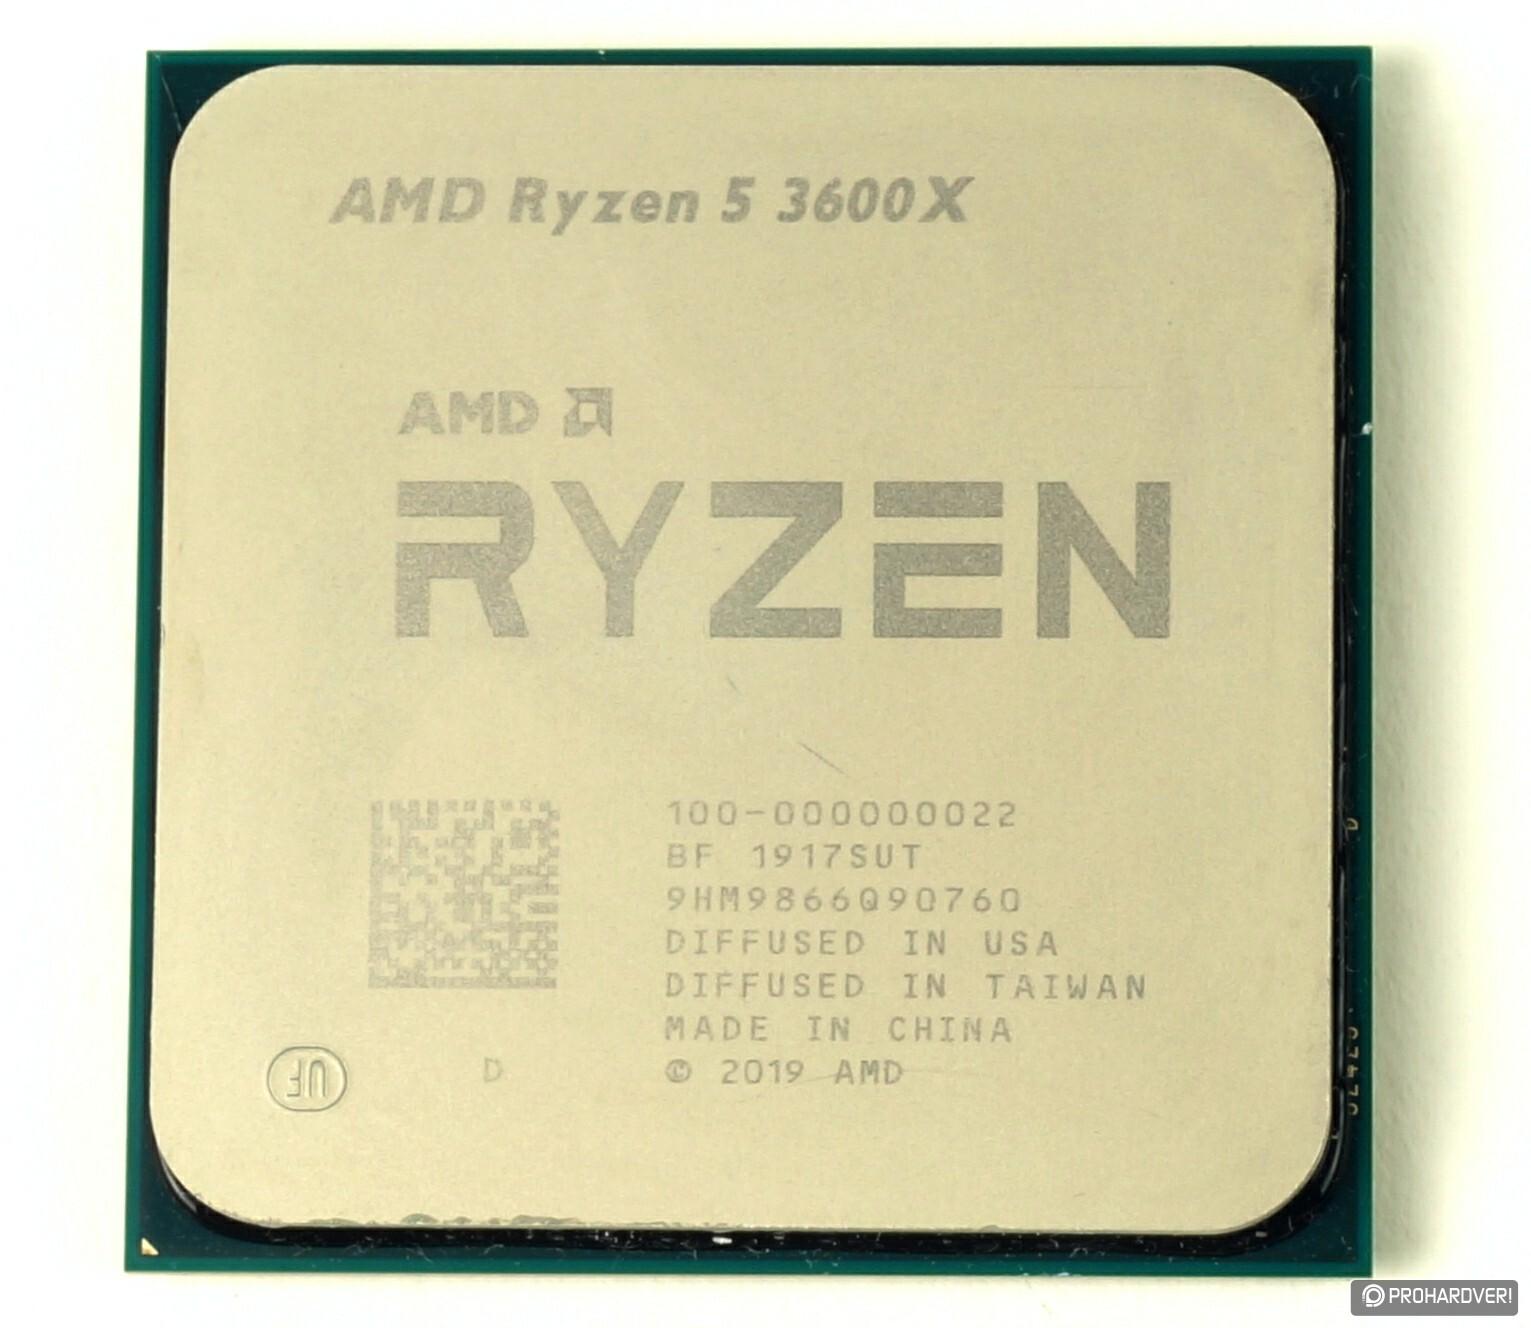 Bemutatkozik a Ryzen 5 3600X processzor - PROHARDVER